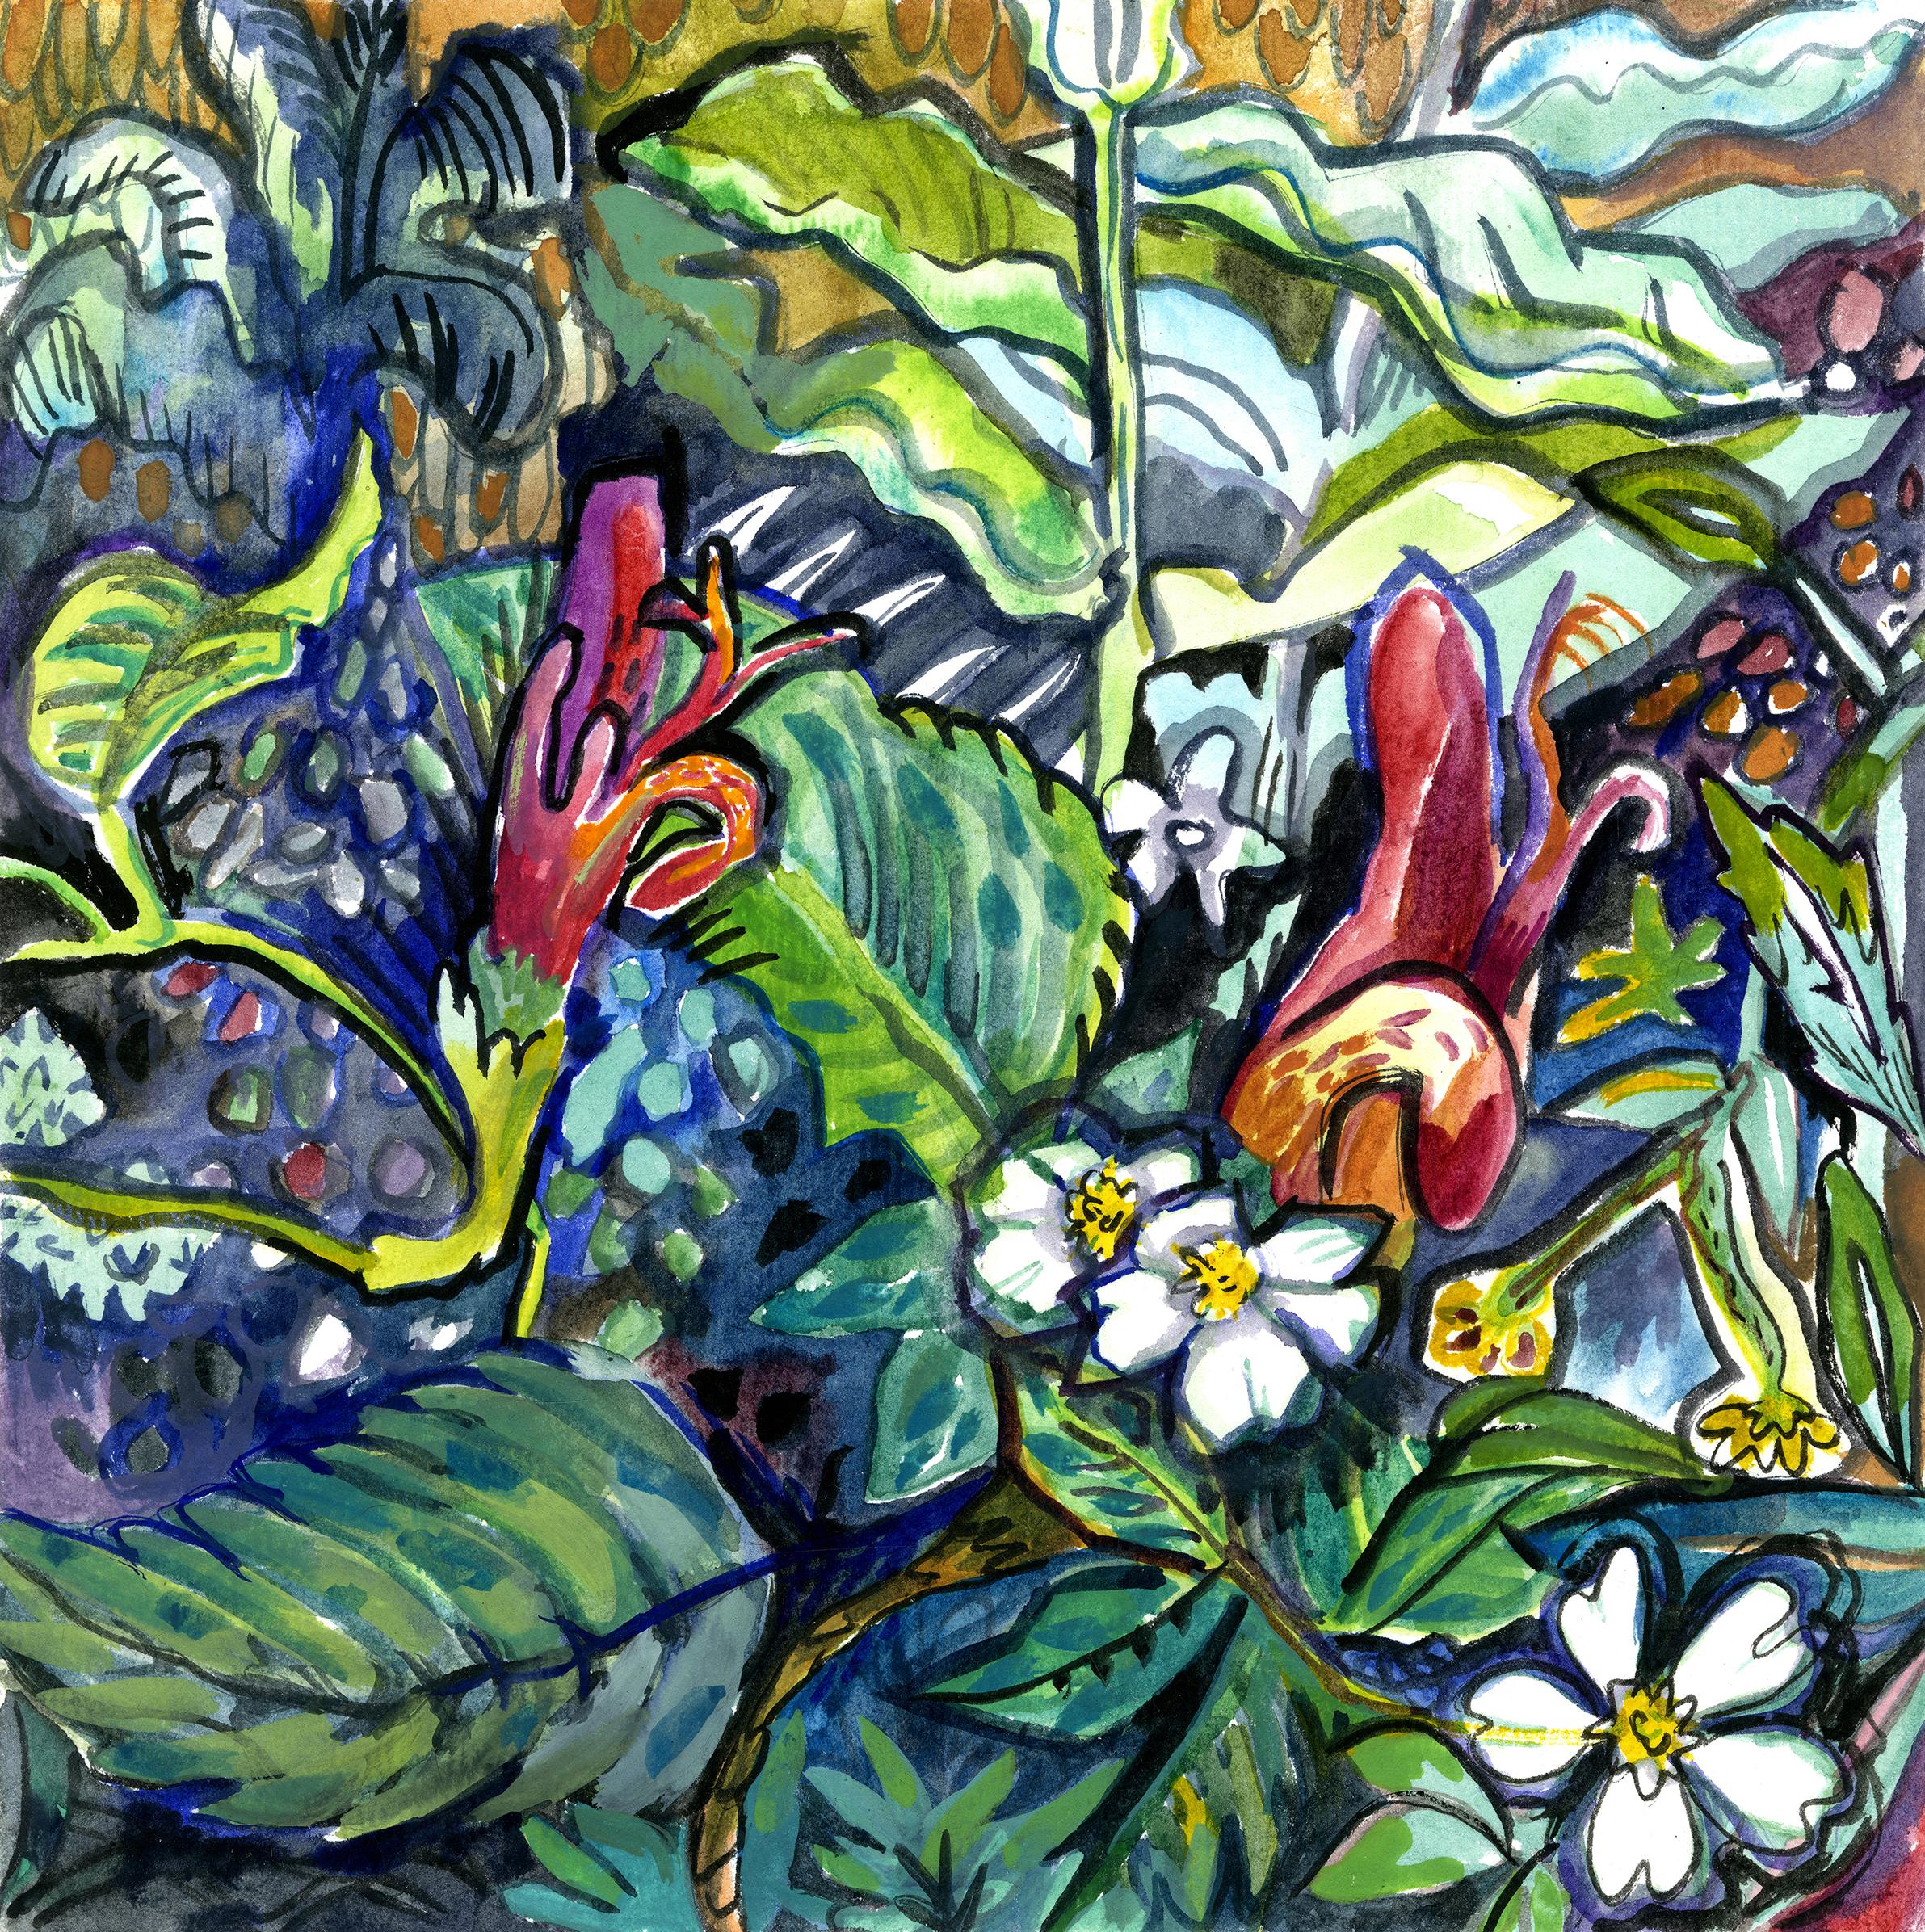 Freeform Botanical 1